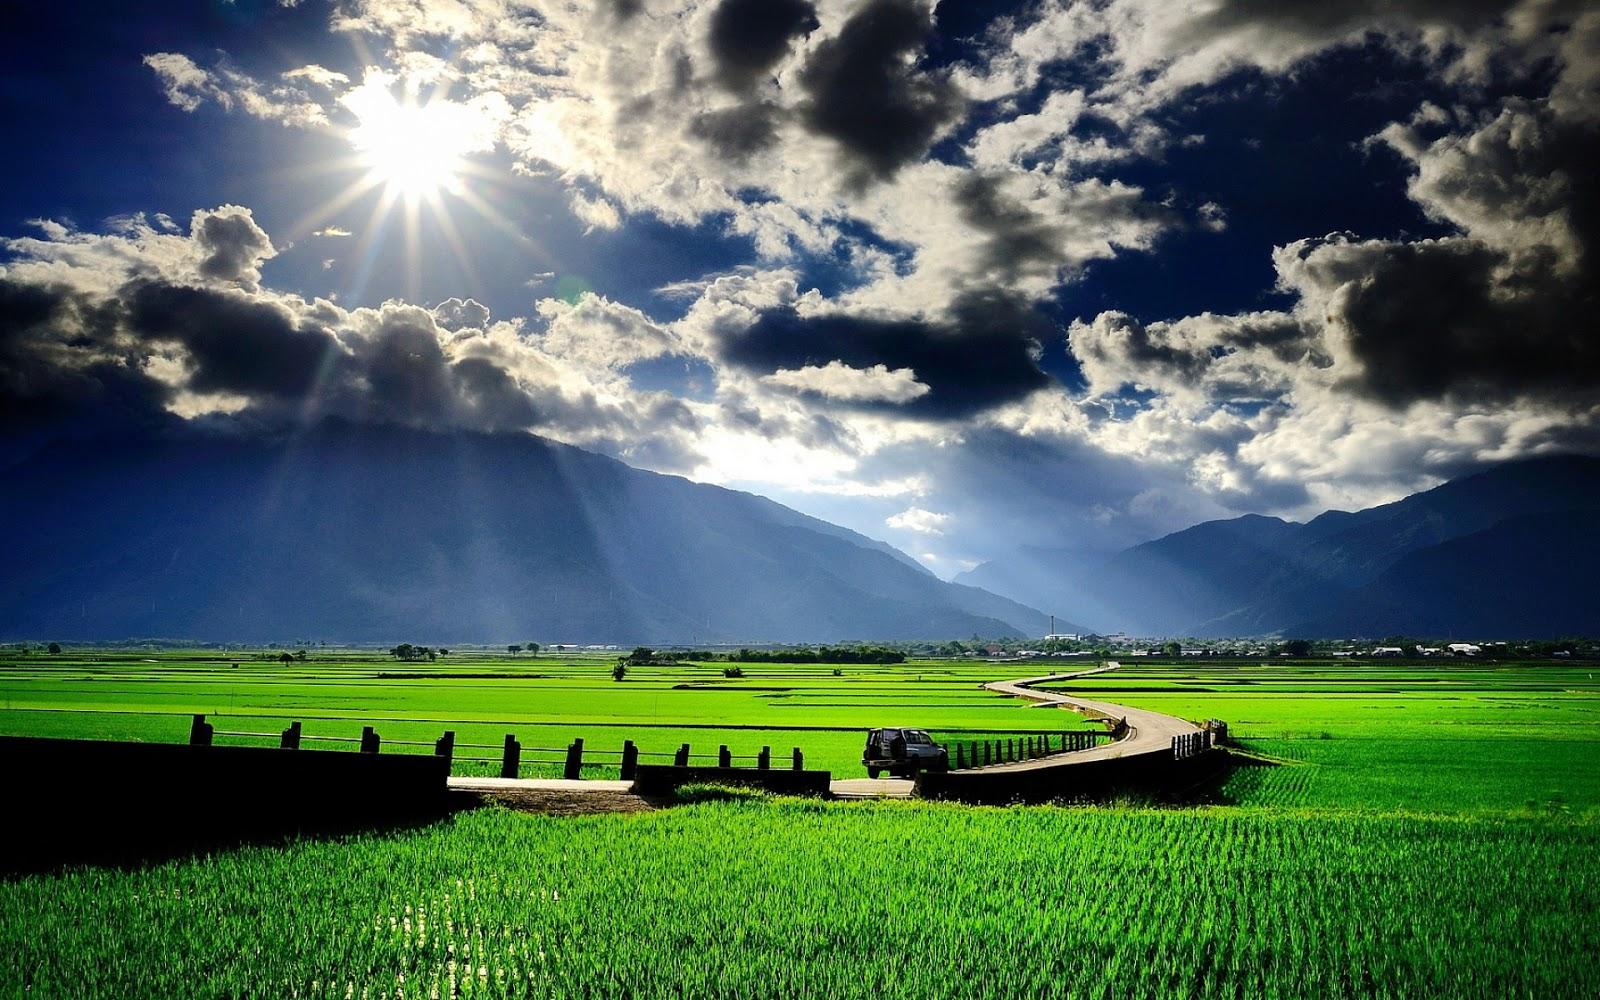 Foto Pemandangan Sawah Yang Indah Pemandanganoce